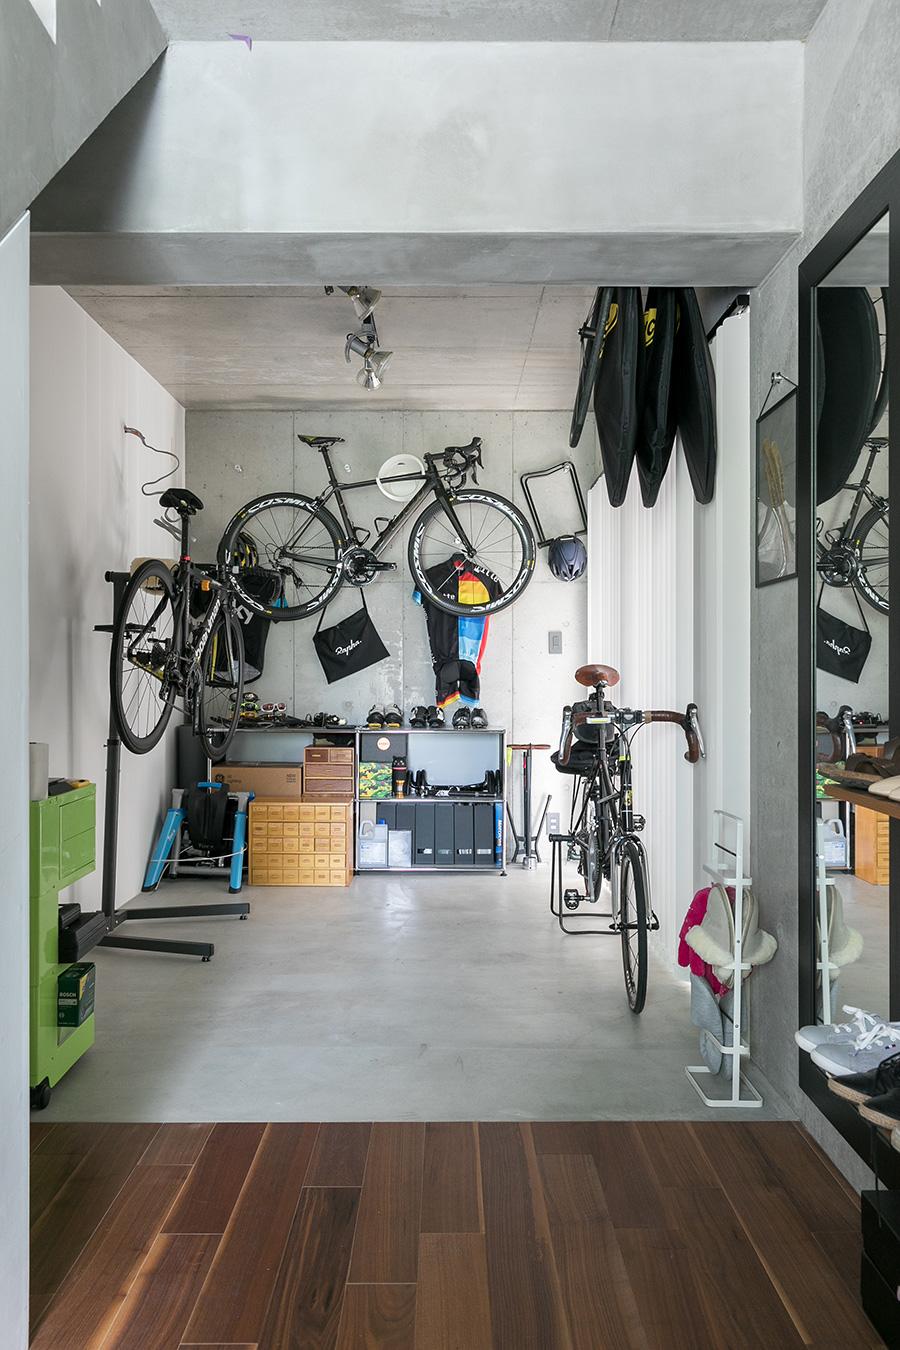 自転車をあーでもないこーでもないと愛でる至福の時間。窓の外には愛車が見える。